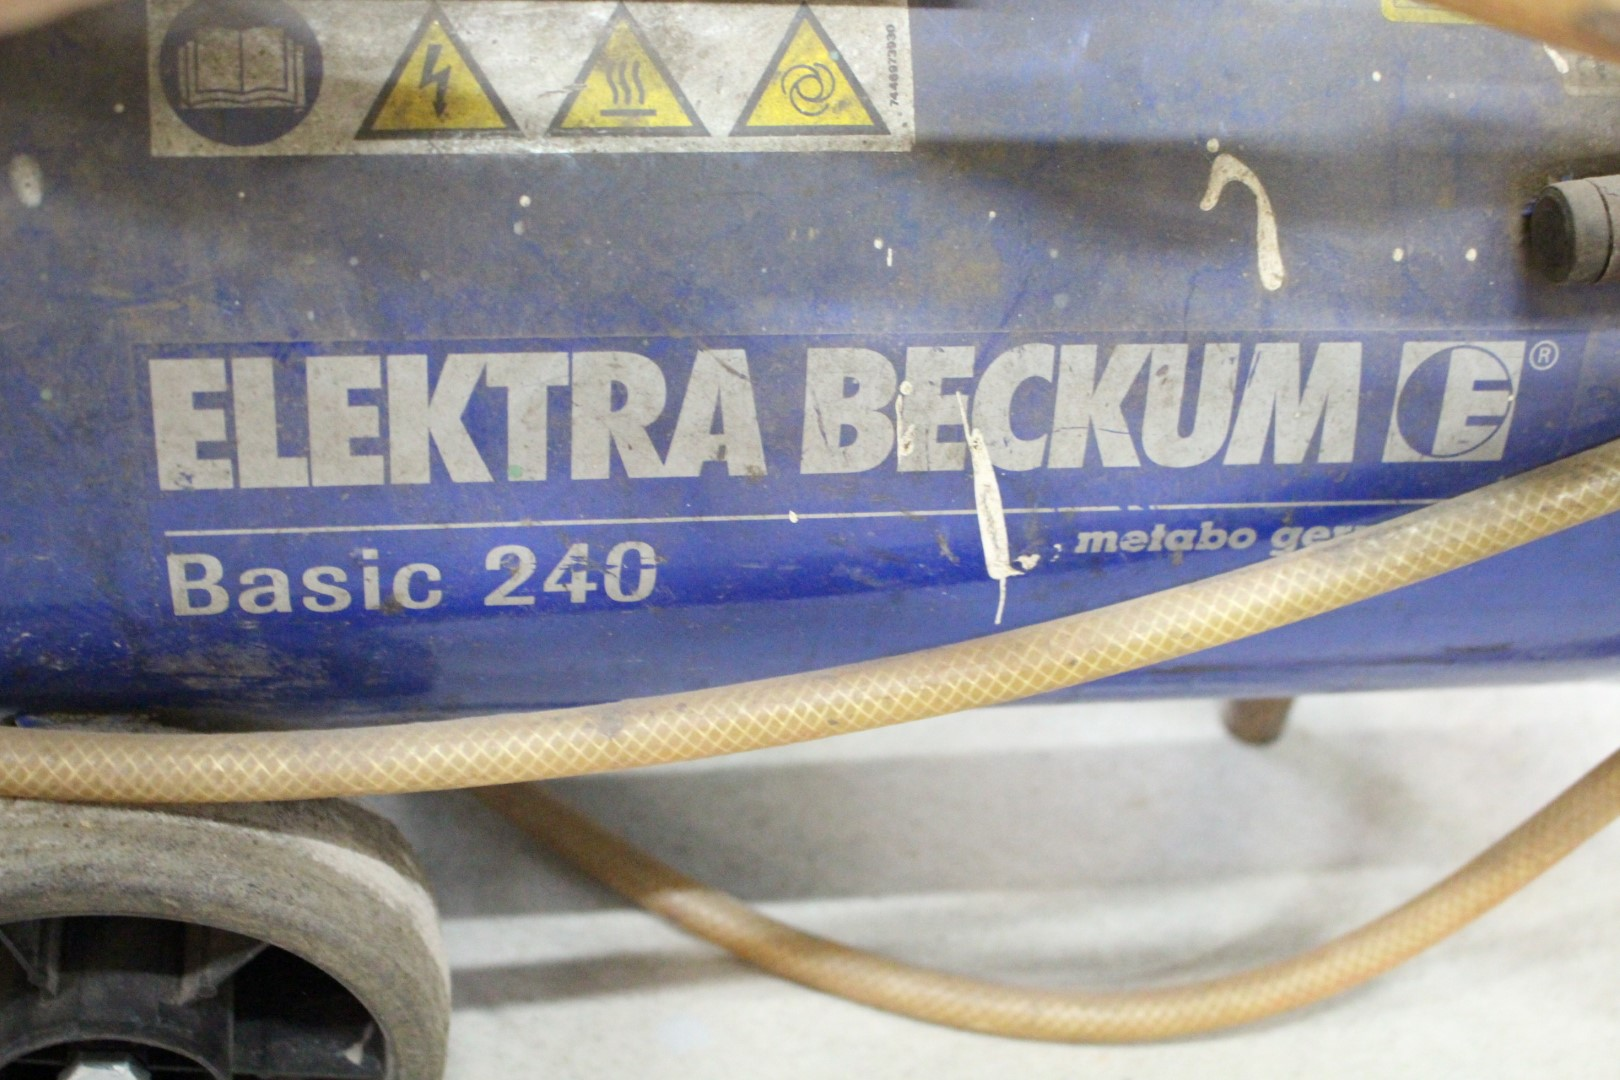 kompressor elektra beckum basic 240 ps auction. Black Bedroom Furniture Sets. Home Design Ideas